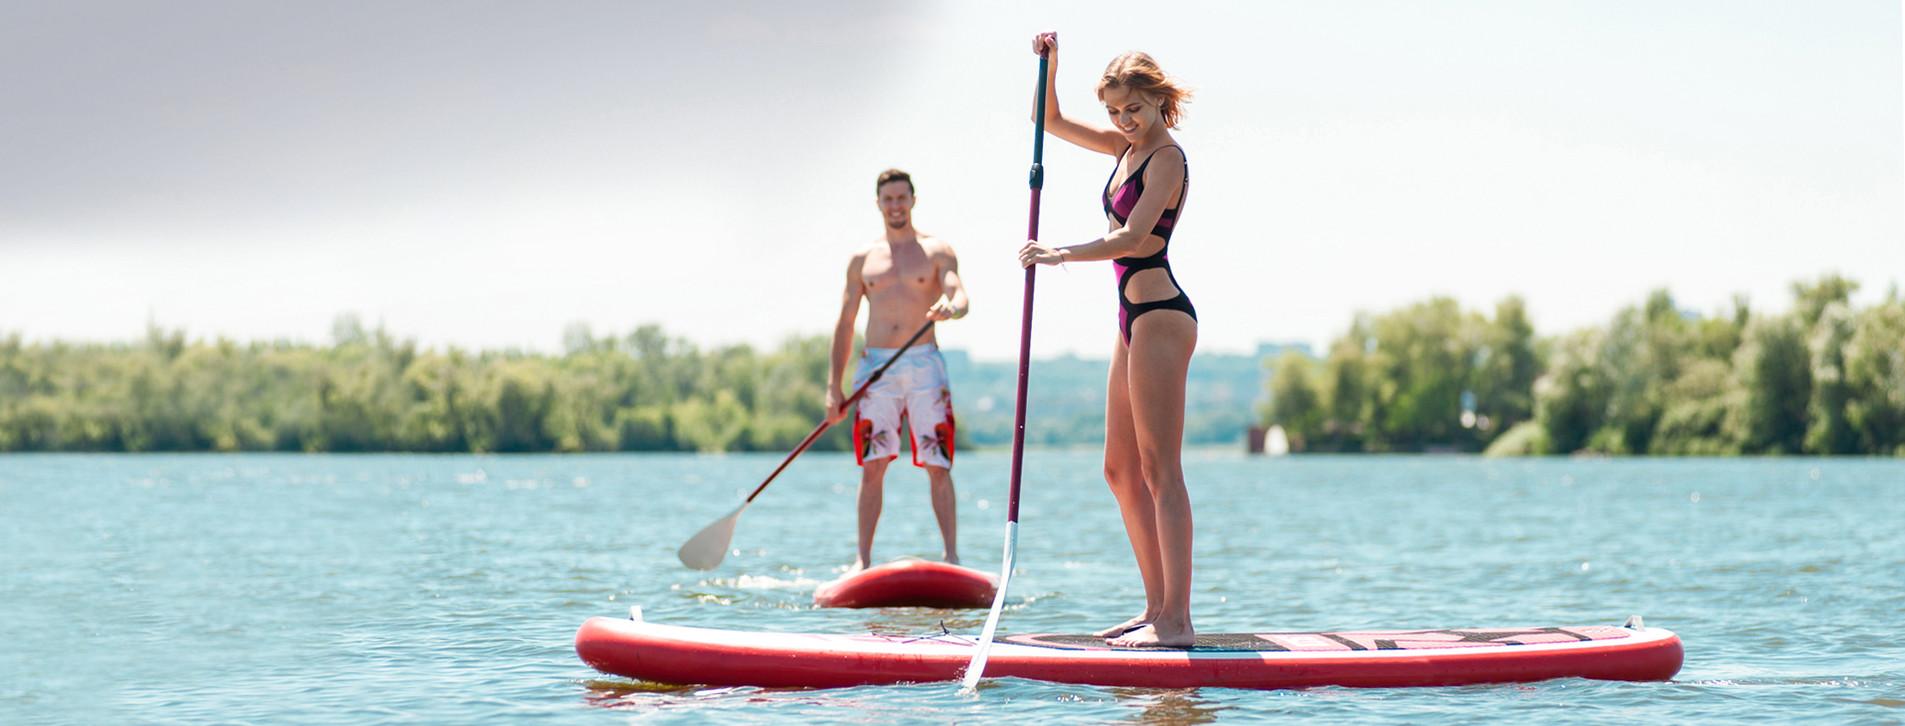 Фото 1 - SUP-серфинг для двоих